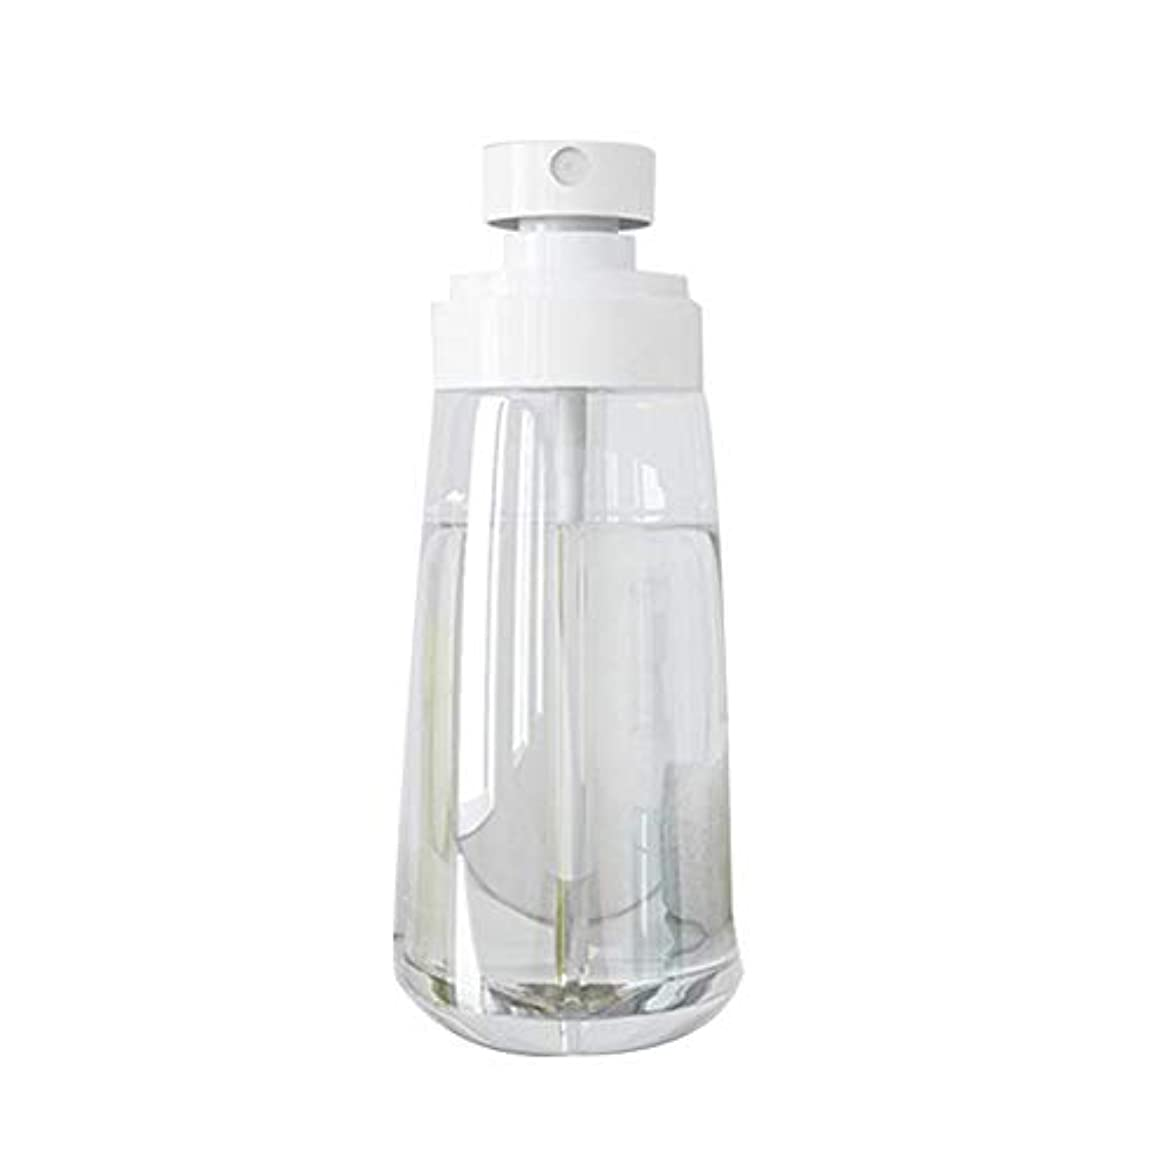 谷効果的城LUERME スプレーボルト 60ml PET製 化粧水の詰替用 極細のミストを噴霧する 旅行用の霧吹き 小分けの容器 アルコール消毒用 アトマイザー